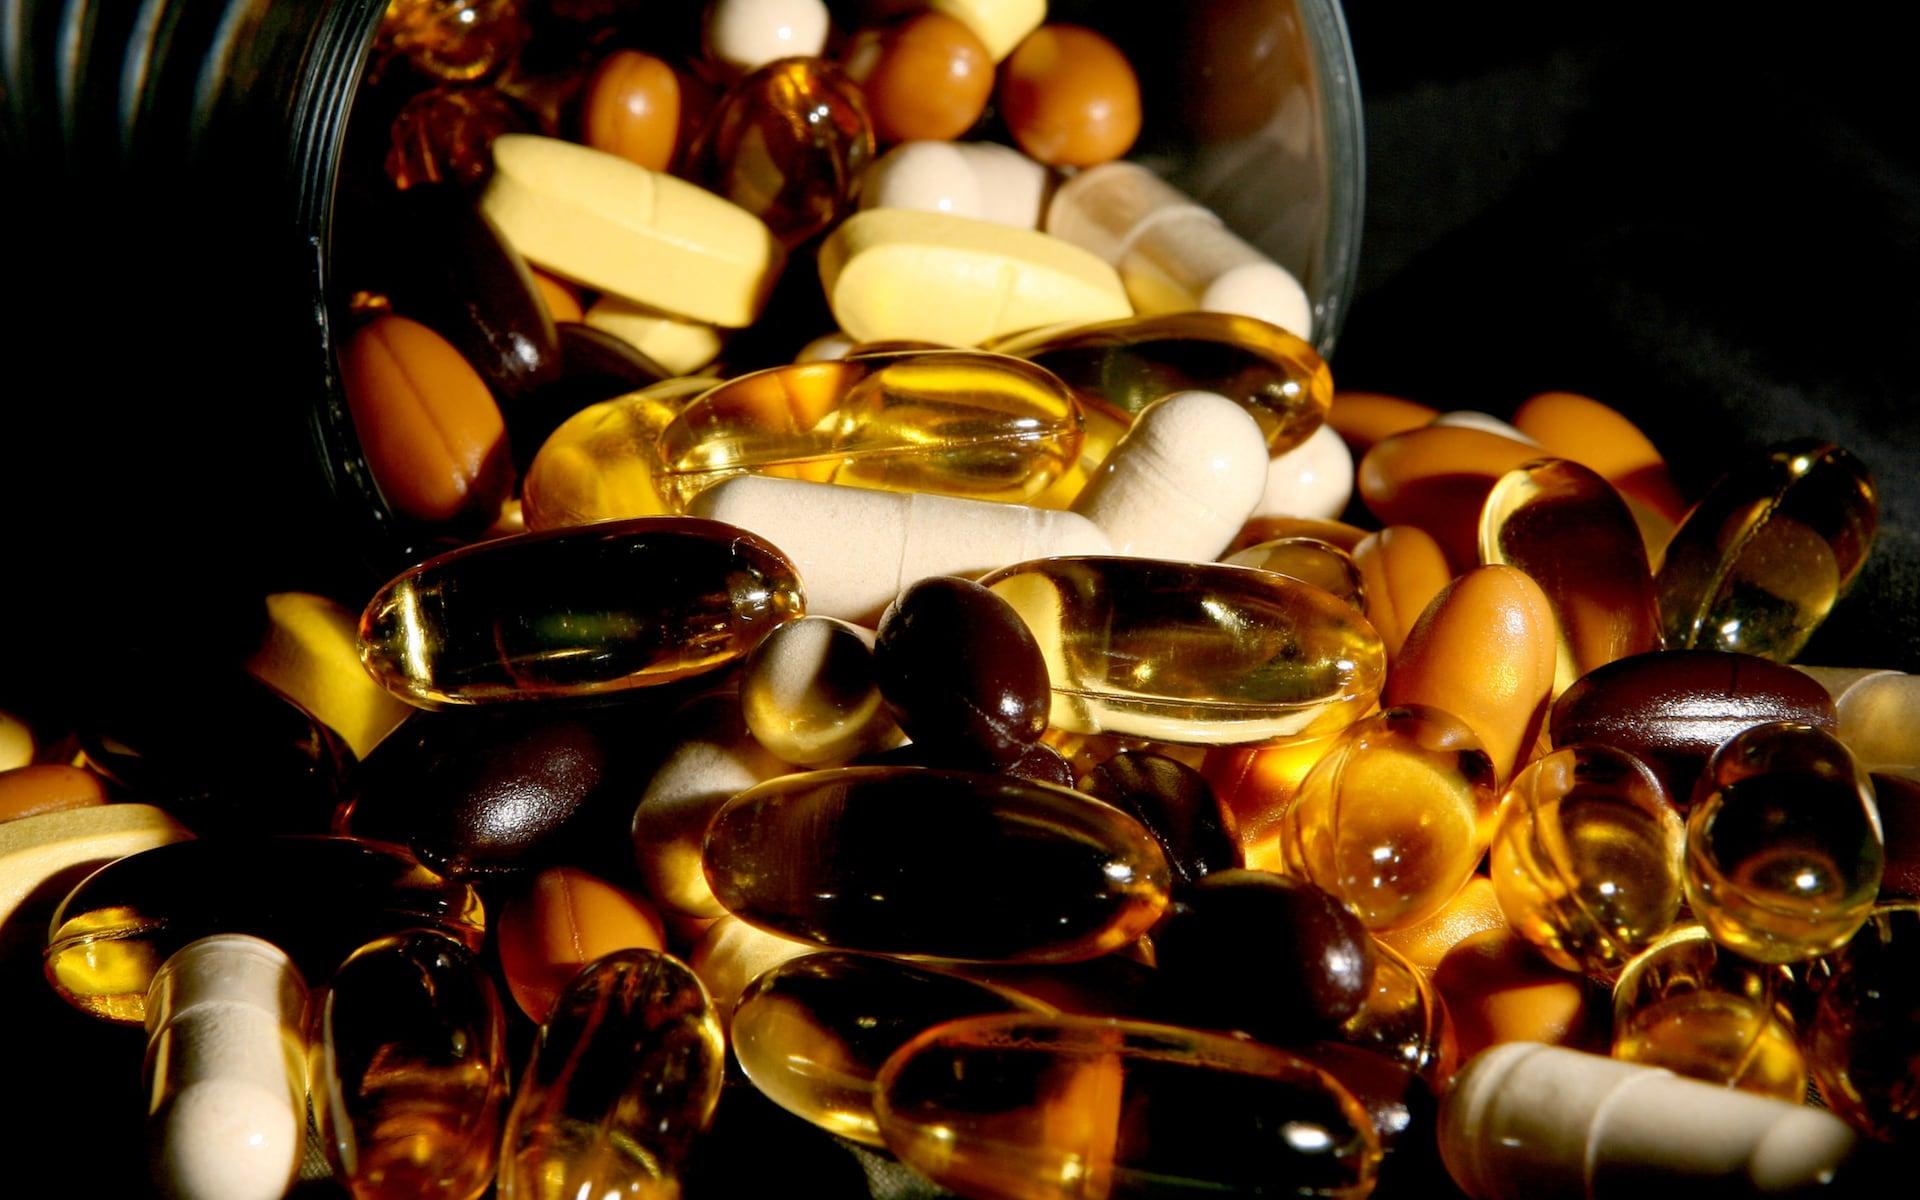 研究发现吃钙片可能会增大患癌症风险